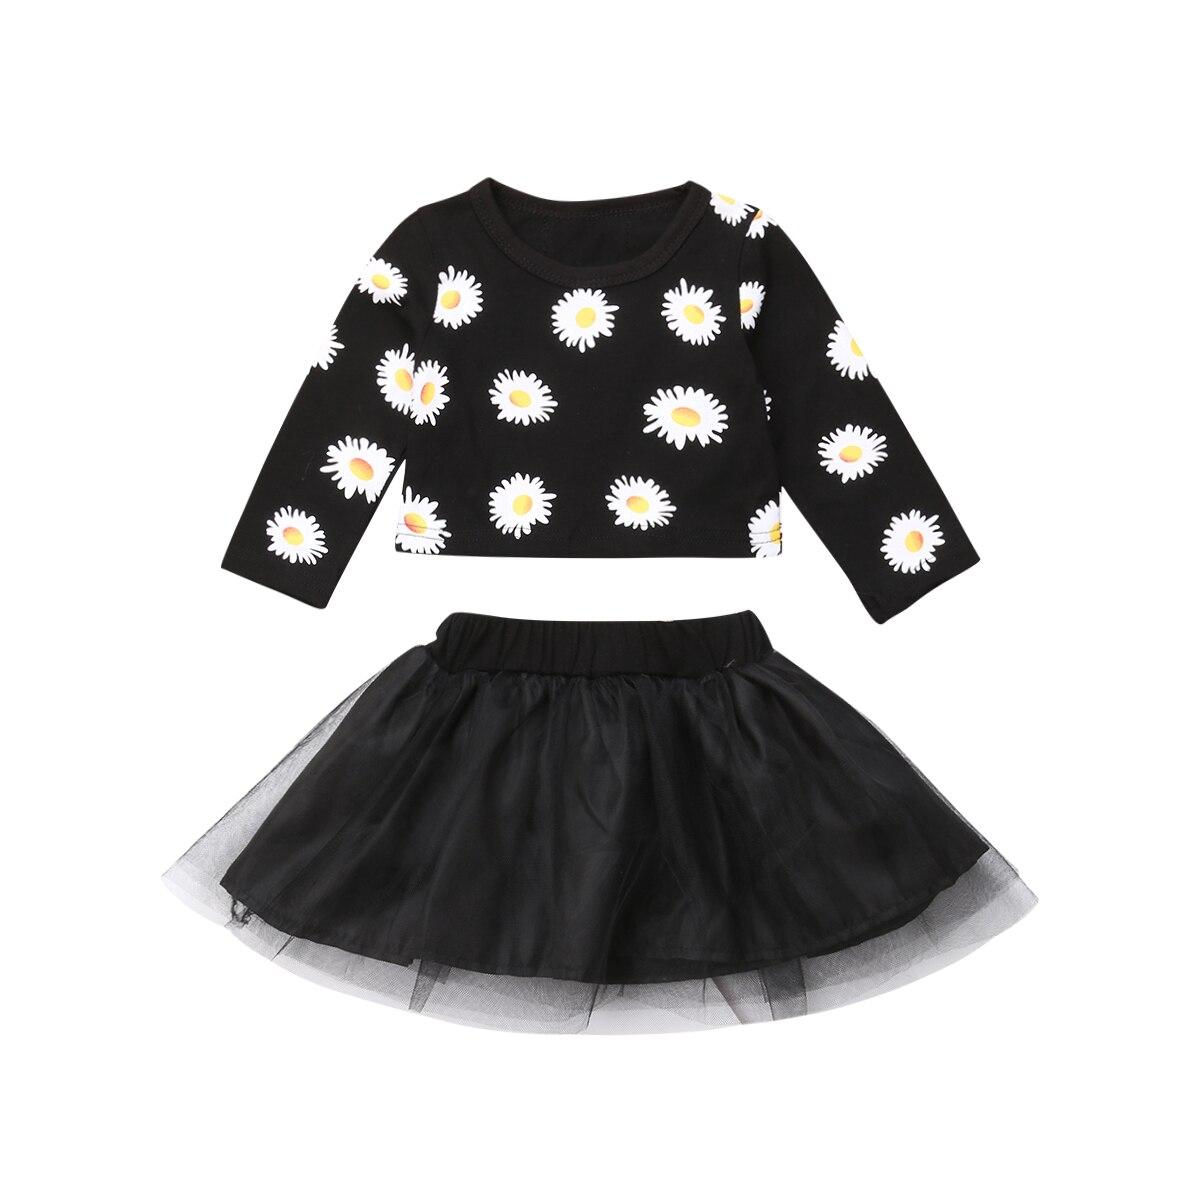 0-24 Mt Nette Neugeborene Baby Mädchen Floral Langarm Crop Tops Tutu Rock 2 Stücke Outfits Prinzessin Baby Kleidung Set